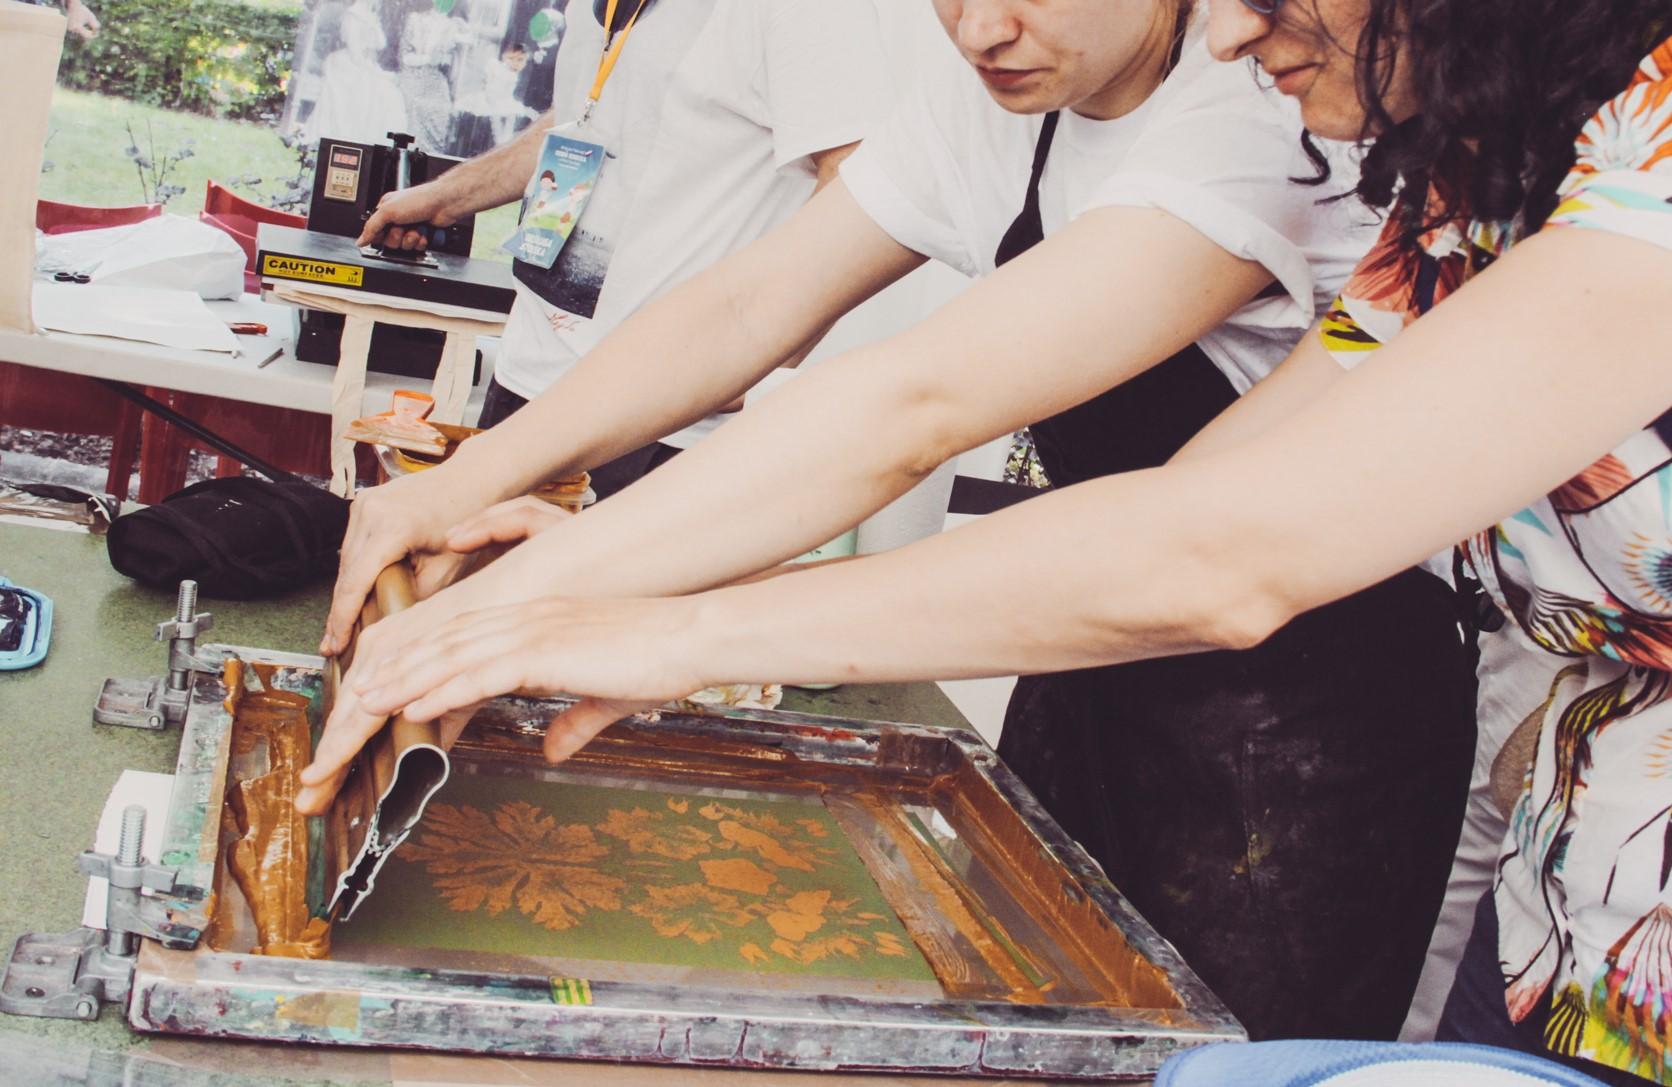 ręce dwóch osób i maszyna do sitodruku w trakcie przenoszenia wzoru